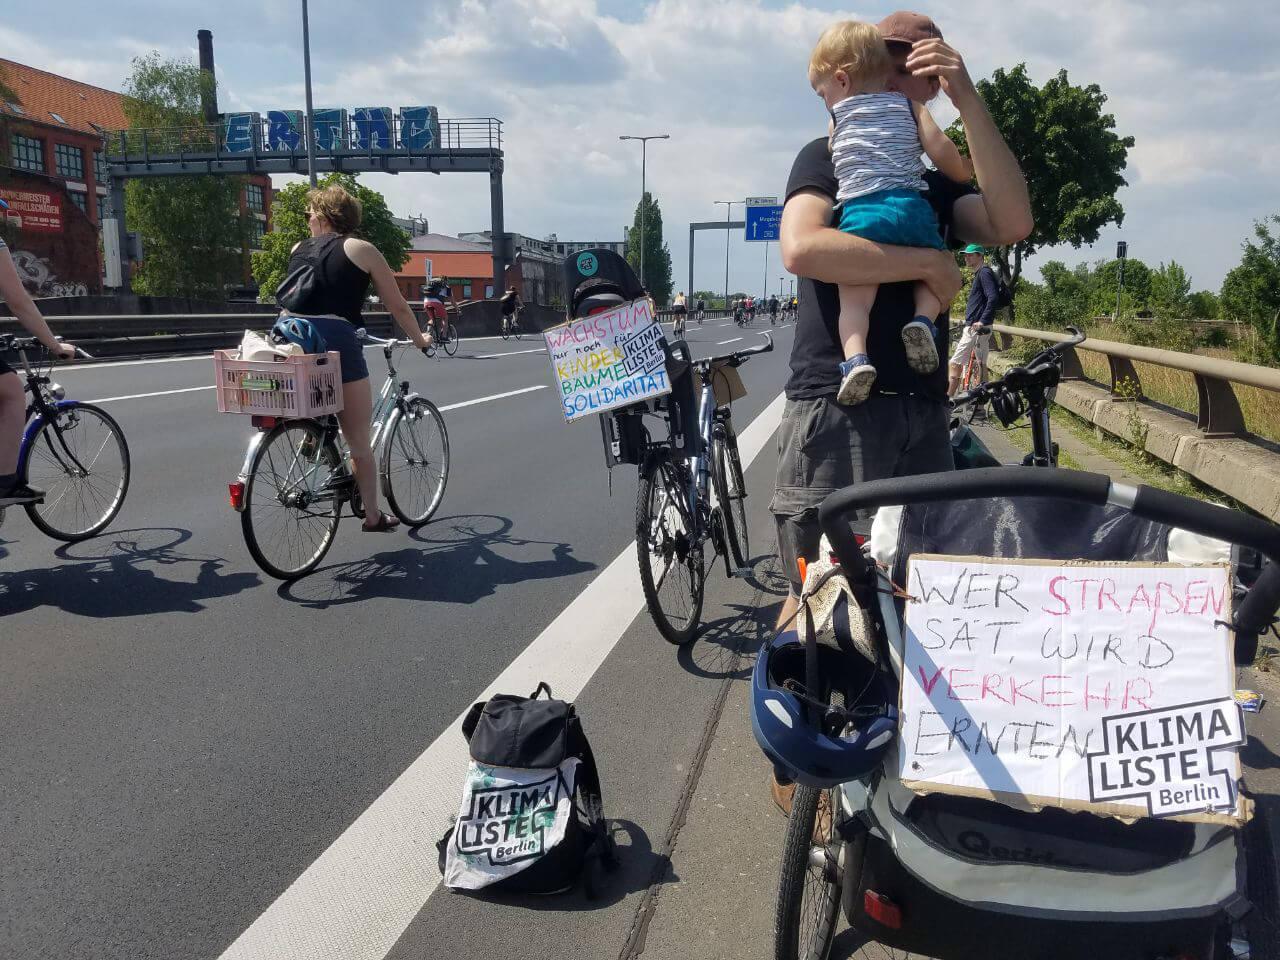 Fahrräder fahren auf der Autobahn